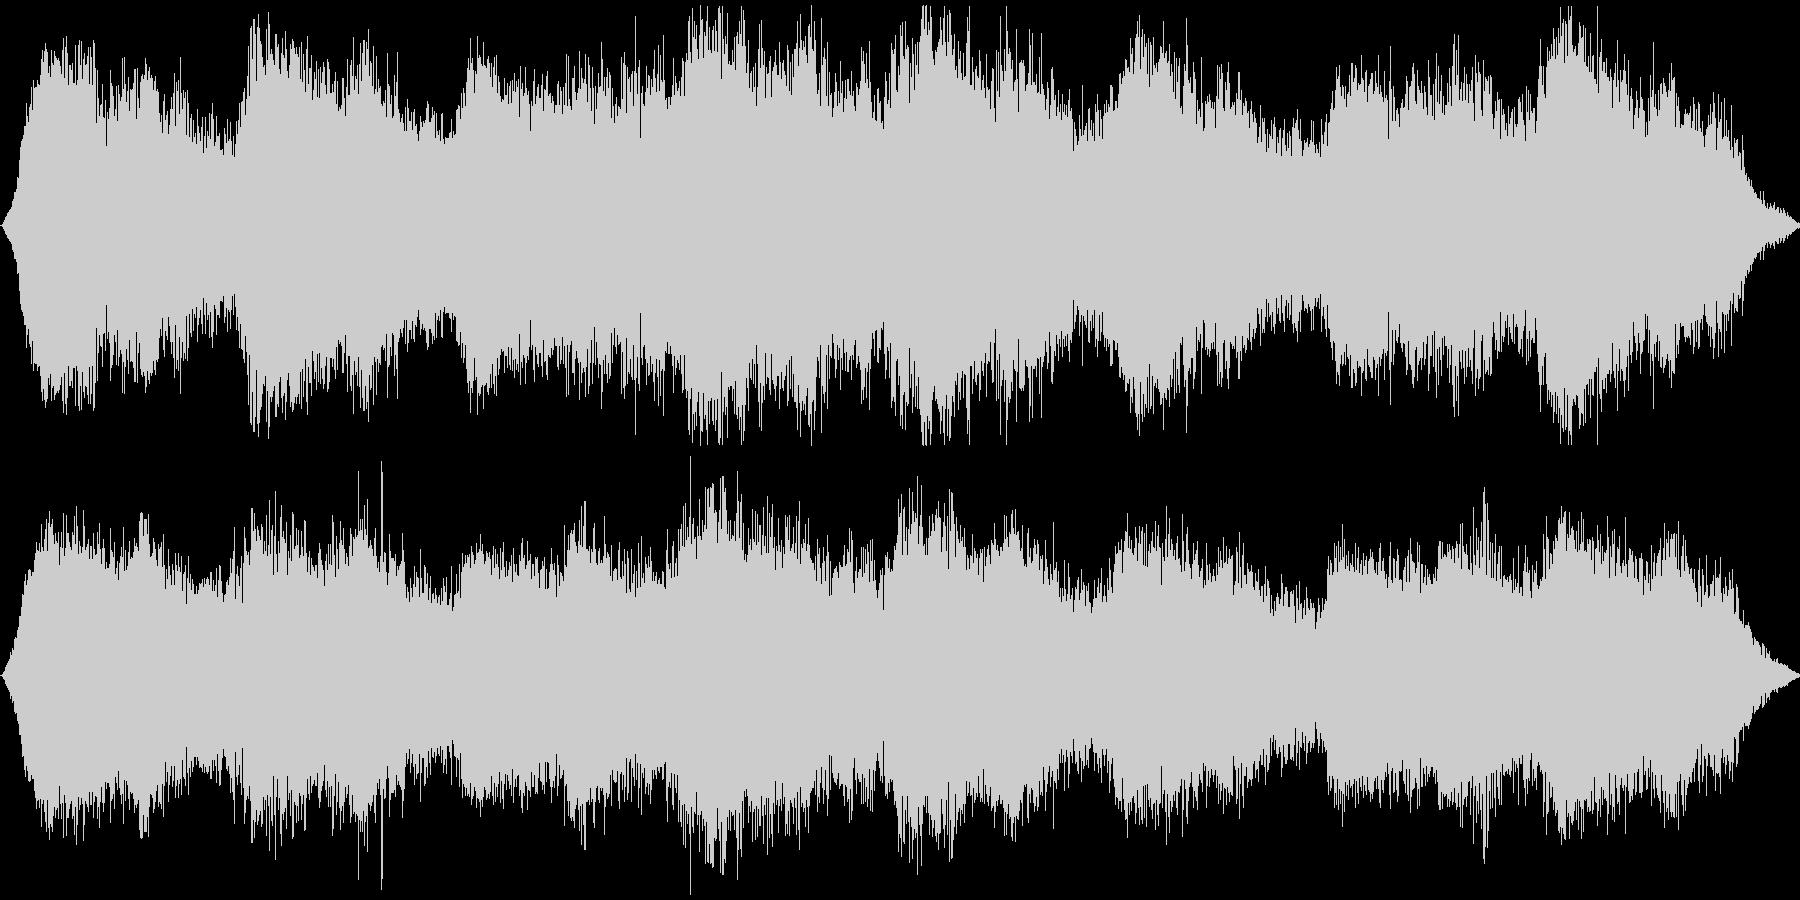 スチーム的な音色を使用しましたの未再生の波形